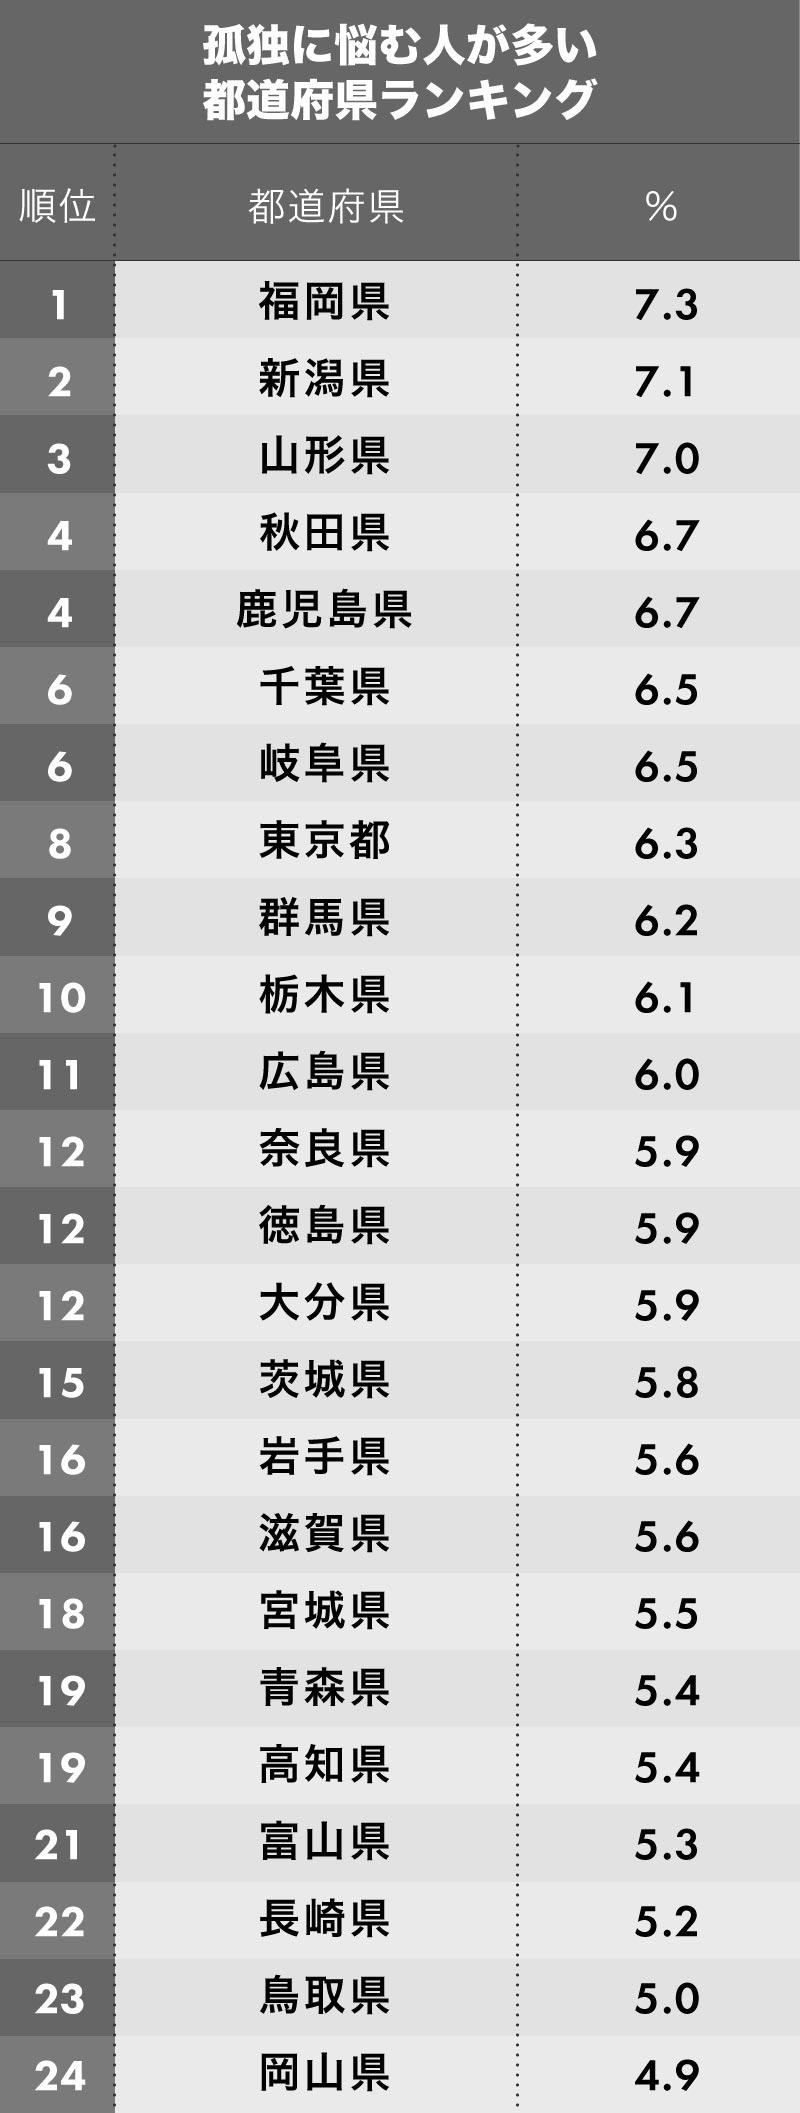 孤独に悩む人が多い都道府県ランキング 1位~24位